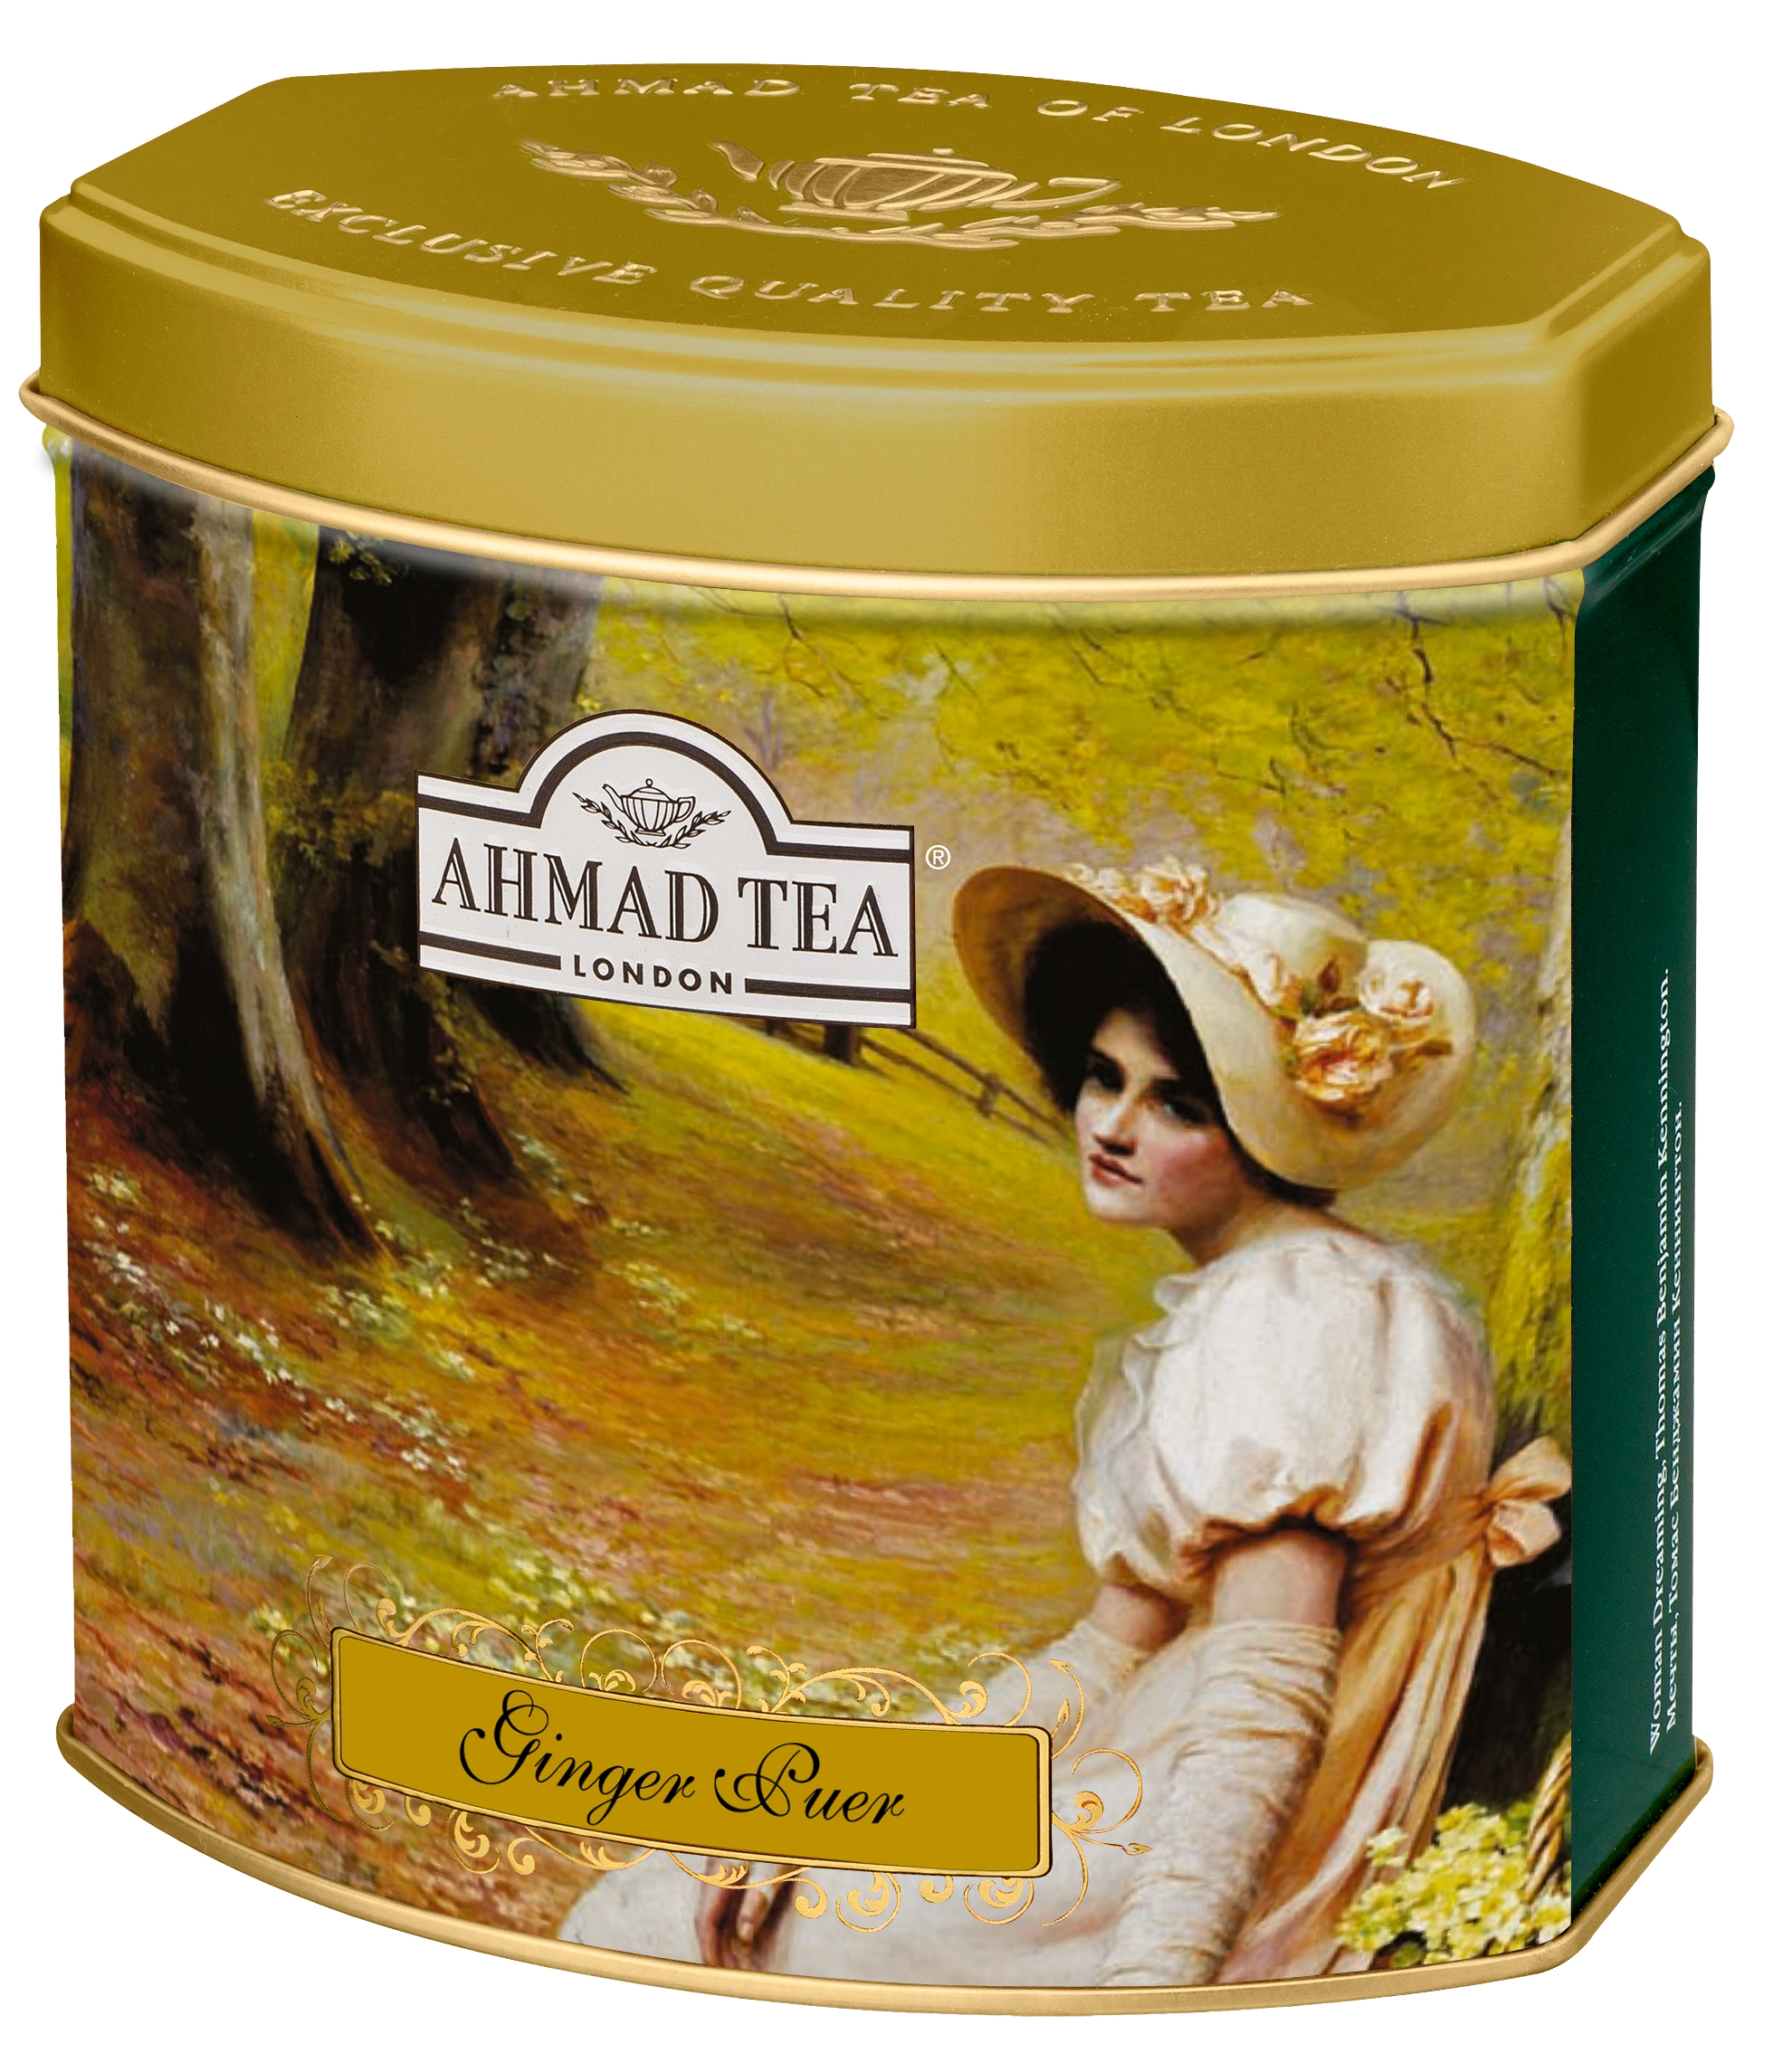 фитера чай для похудения купить нижний новгород